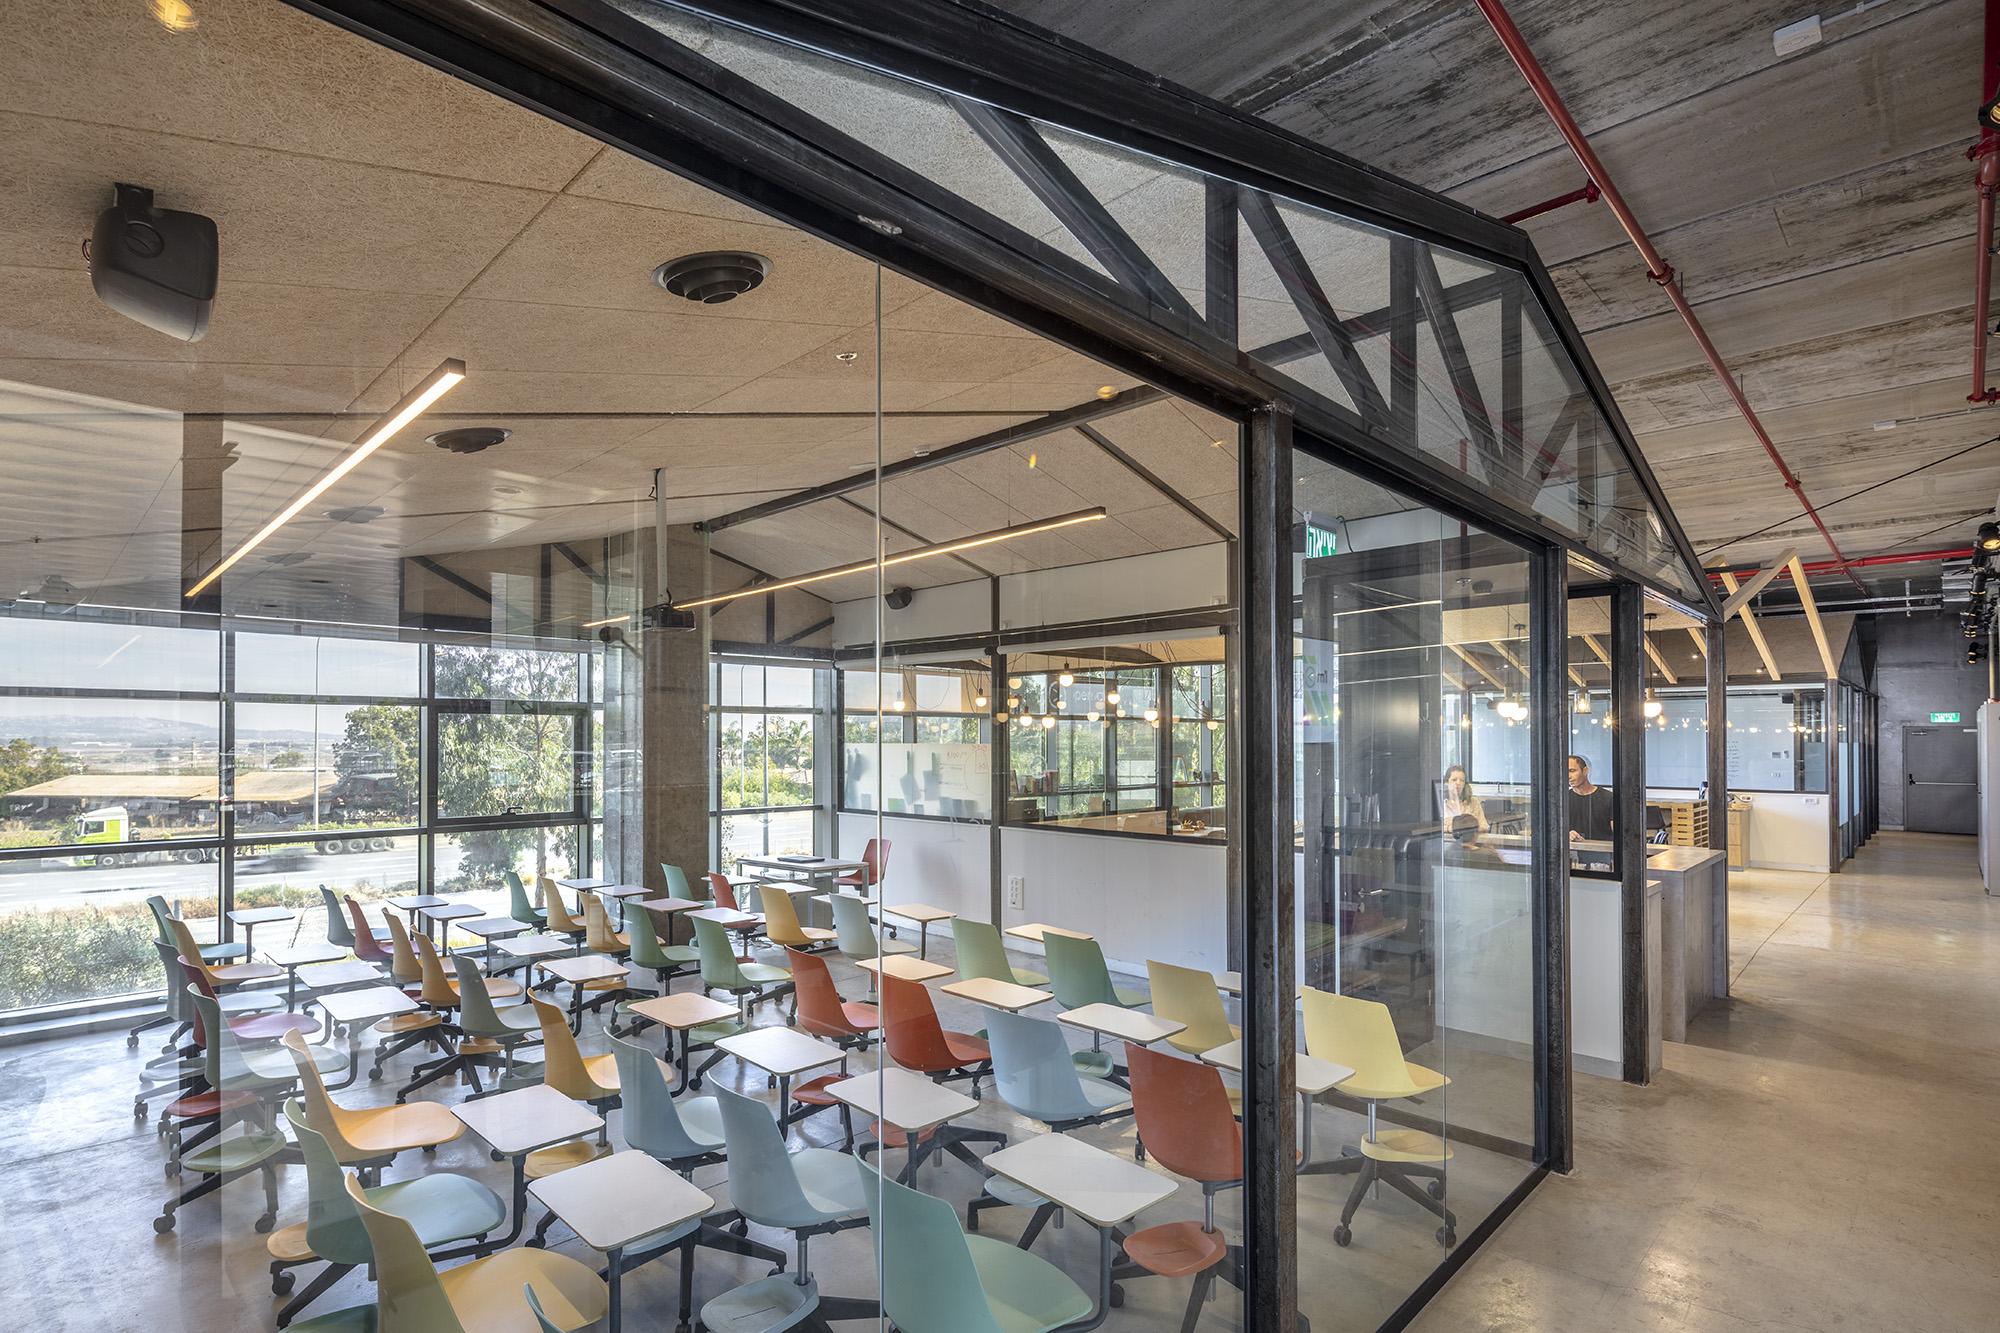 משרדי OPENVALLEY - מחיצות רצפה תקרה שקופות, אינובייט